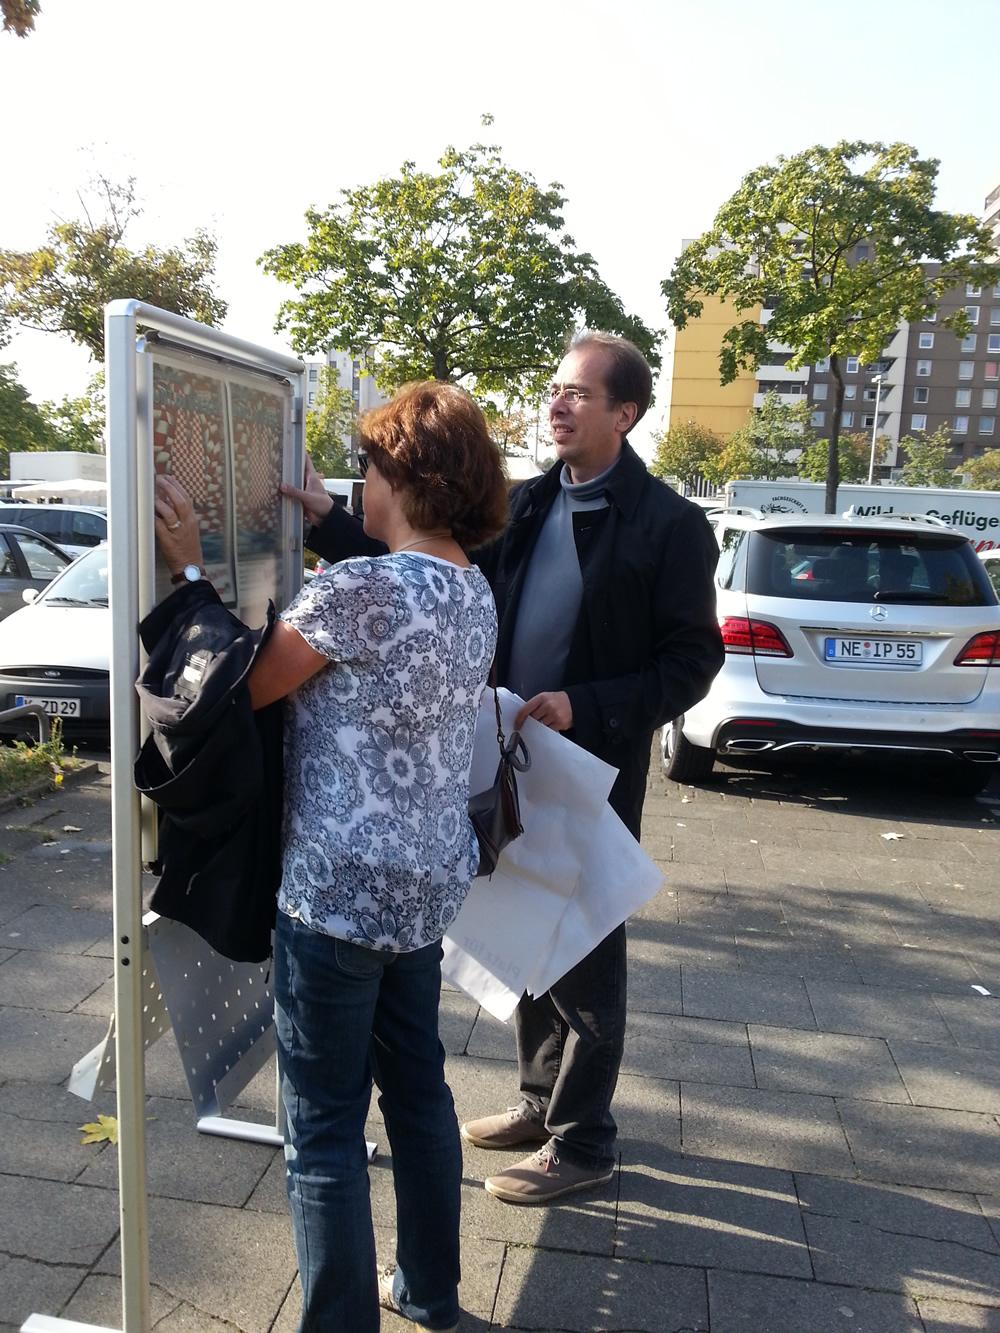 Herr Schwark vom Planungsamt und Frau Weber von Bürgerzentrum sorgen für PR.